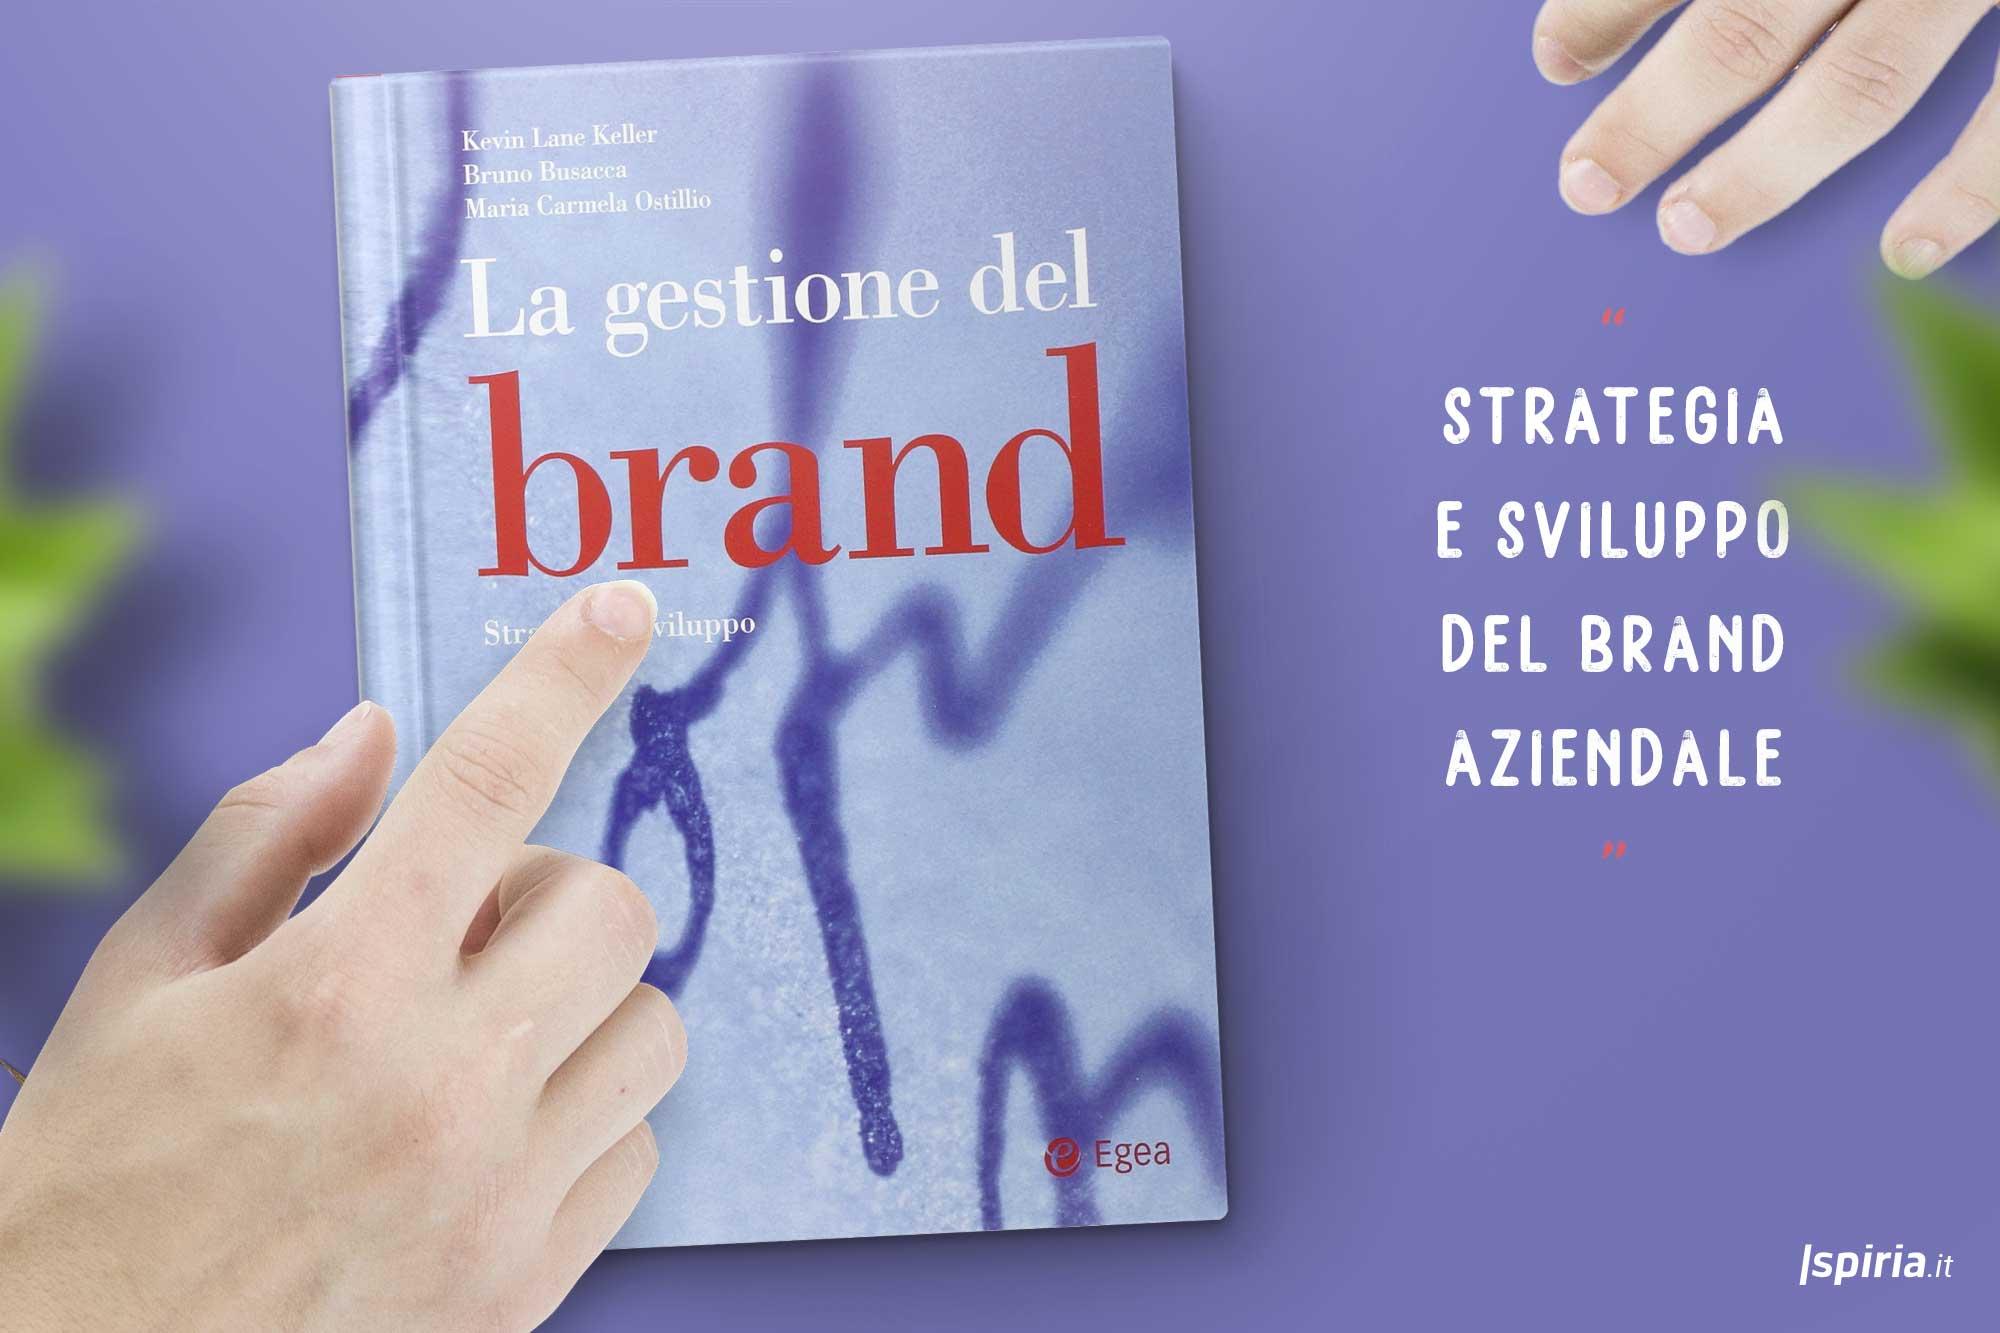 Migliori libri sul Brand